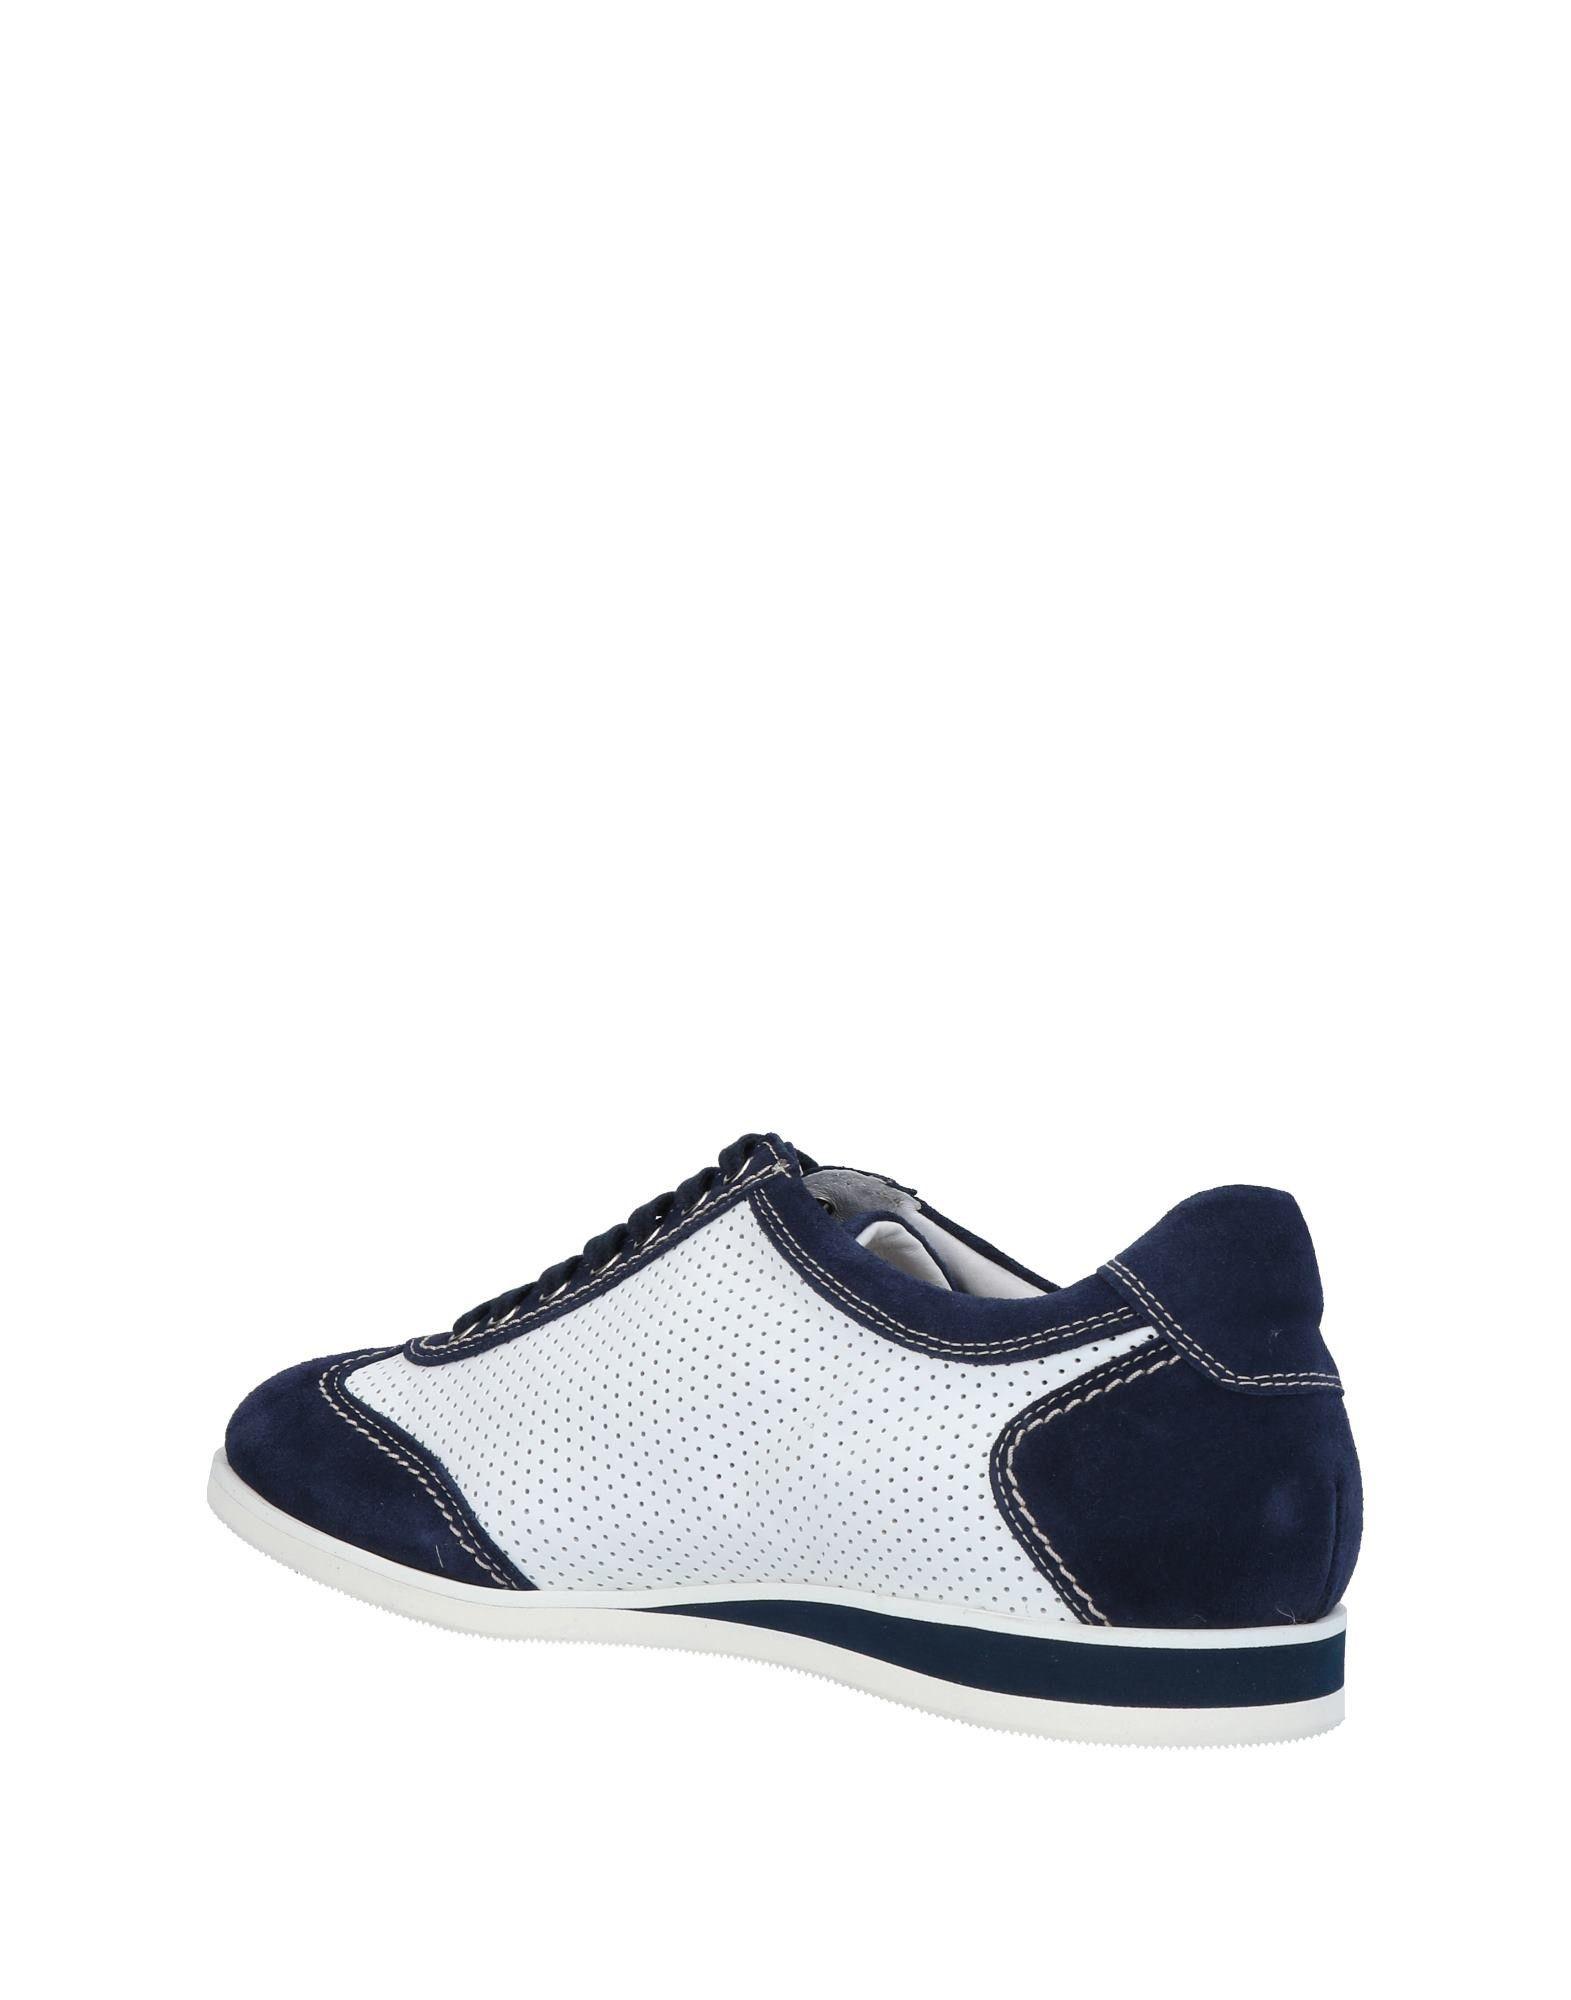 Rabatt echte Schuhe Gianfranco Lattanzi Sneakers Herren  11430313VK